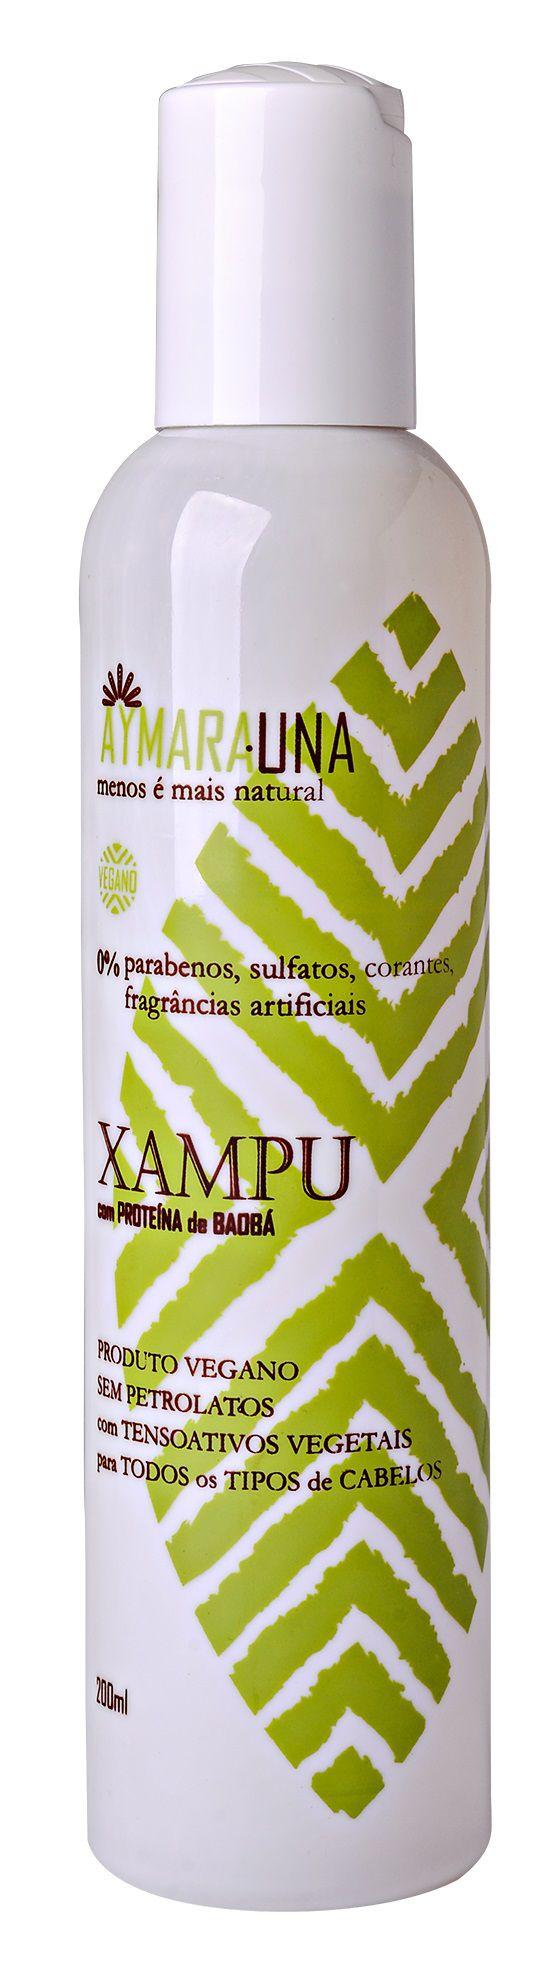 Shampoo Aymarauna 0% parabenos, sulfatos, corantes, fragrâncias artificiais - 200 ml